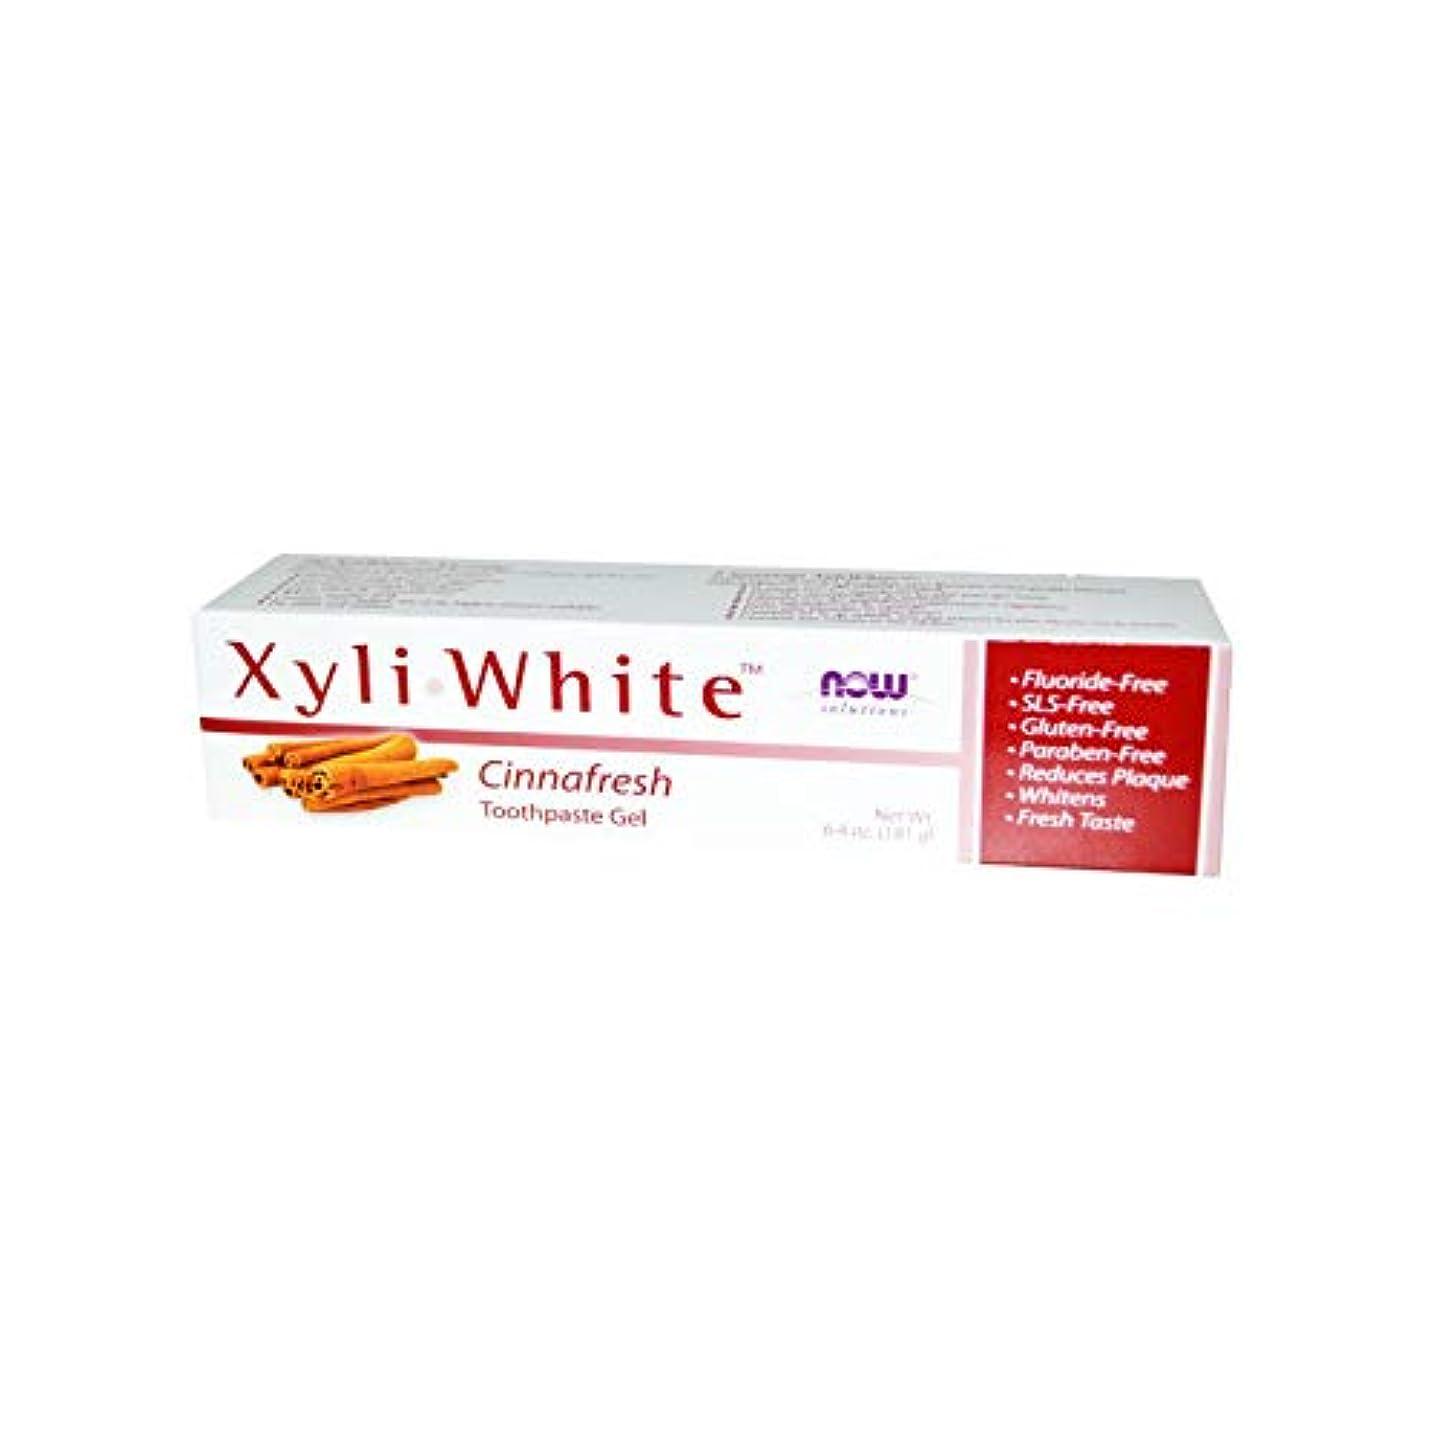 ブロック差し迫った狂乱海外直送品 Now Foods XYLIWHITE TOOTHPASTE, 6.4 oz NATURAL-CINNAMON